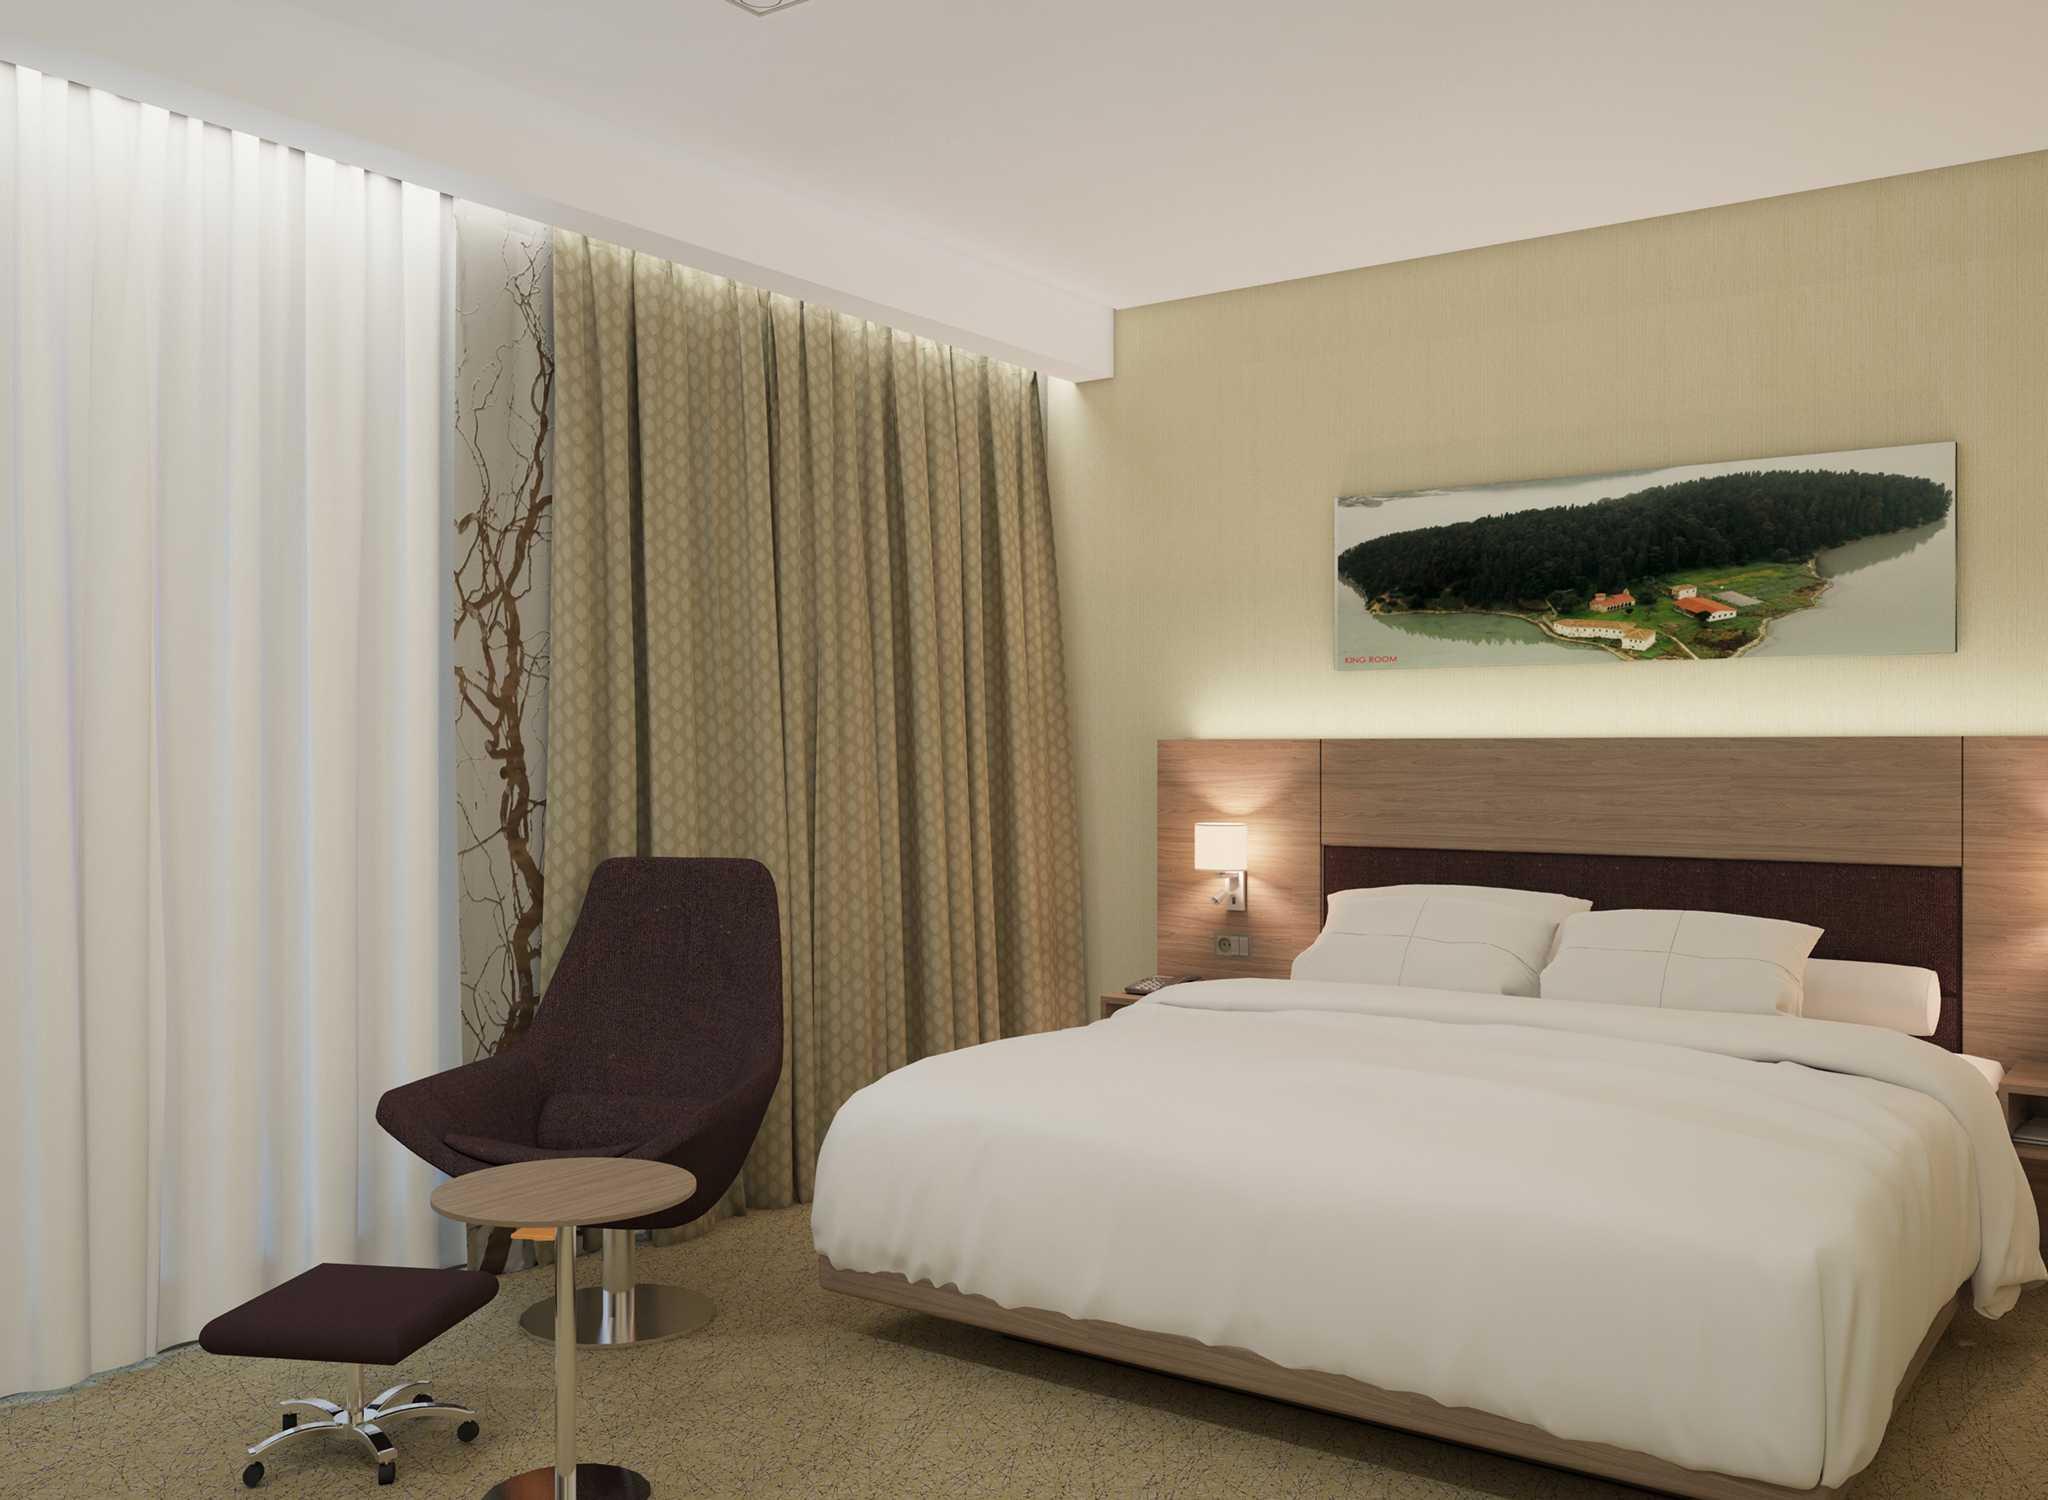 Hilton garden inn tirana albania camera con letto king size - Camera di letto usato ...